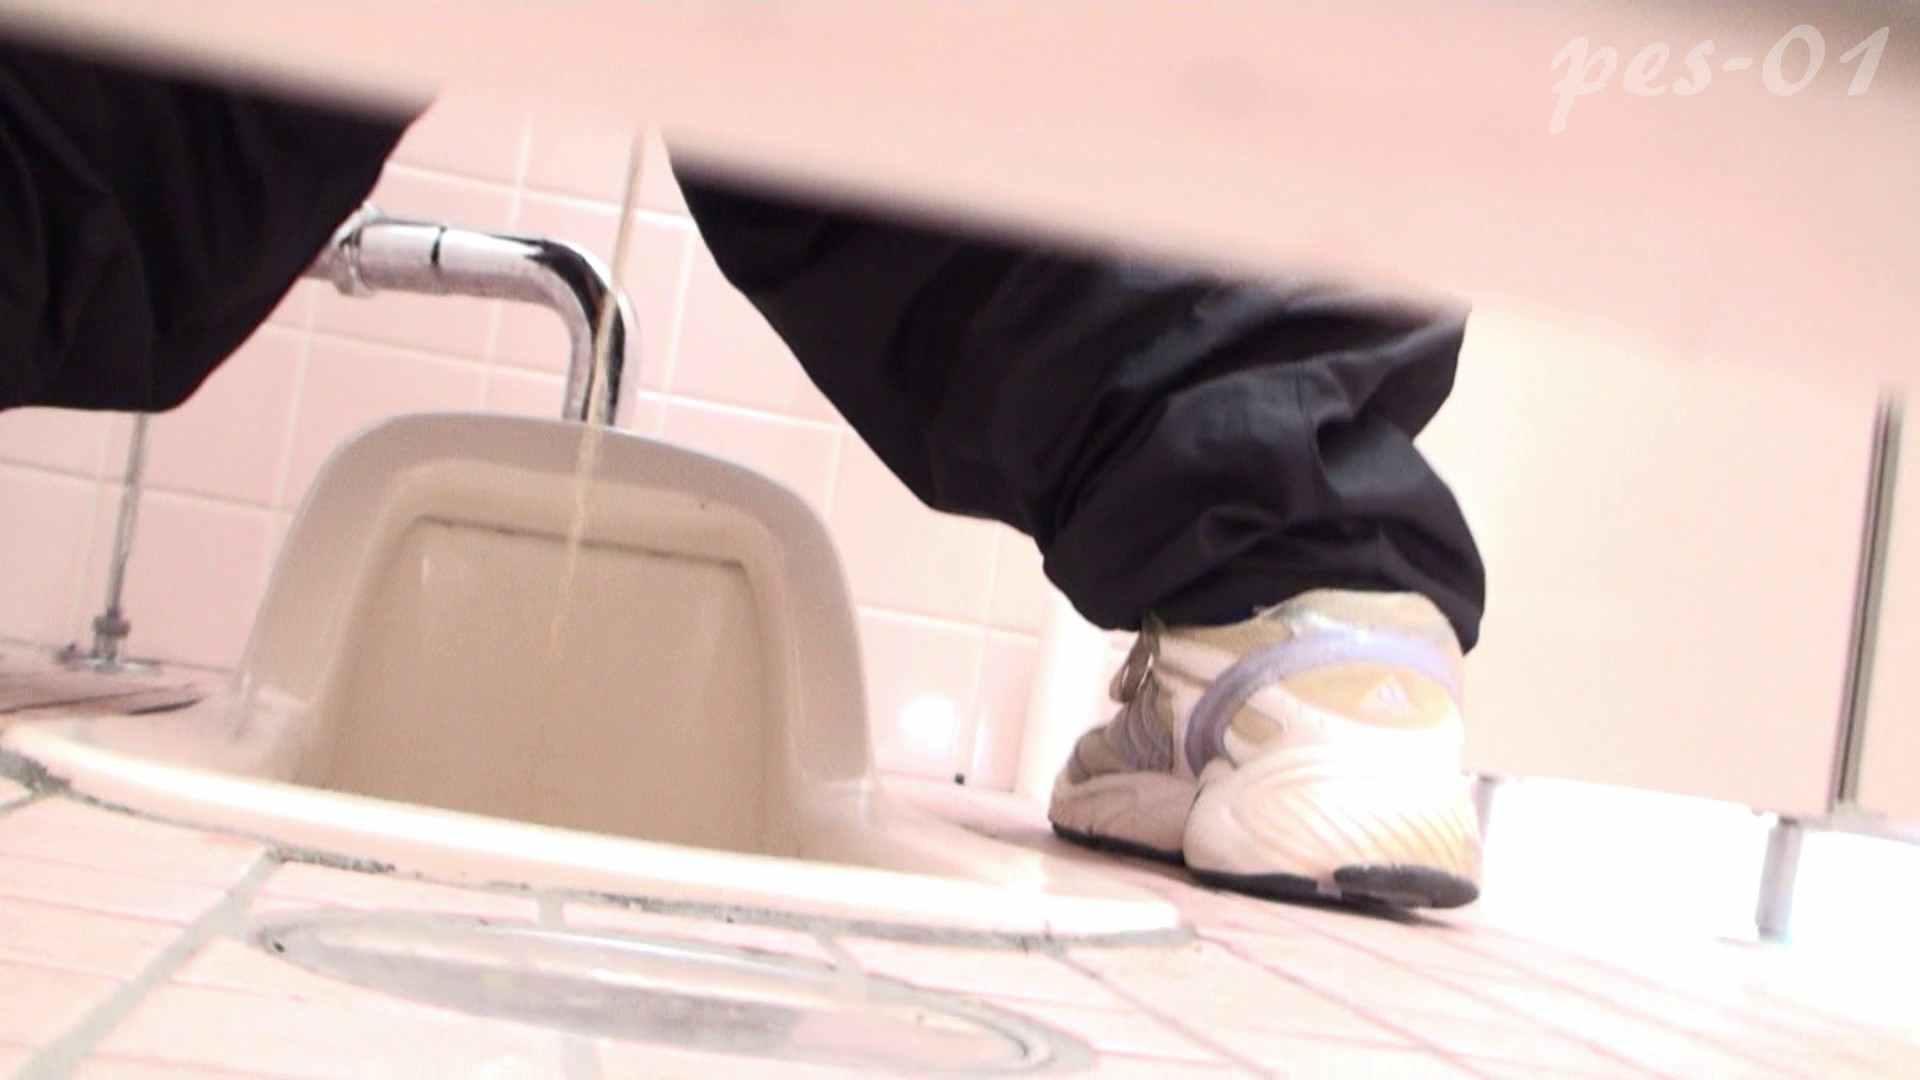 ※100個限定販売 至高下半身盗撮-プレミアム-【体育館編】VOL.1 盗撮 AV無料動画キャプチャ 85pic 44